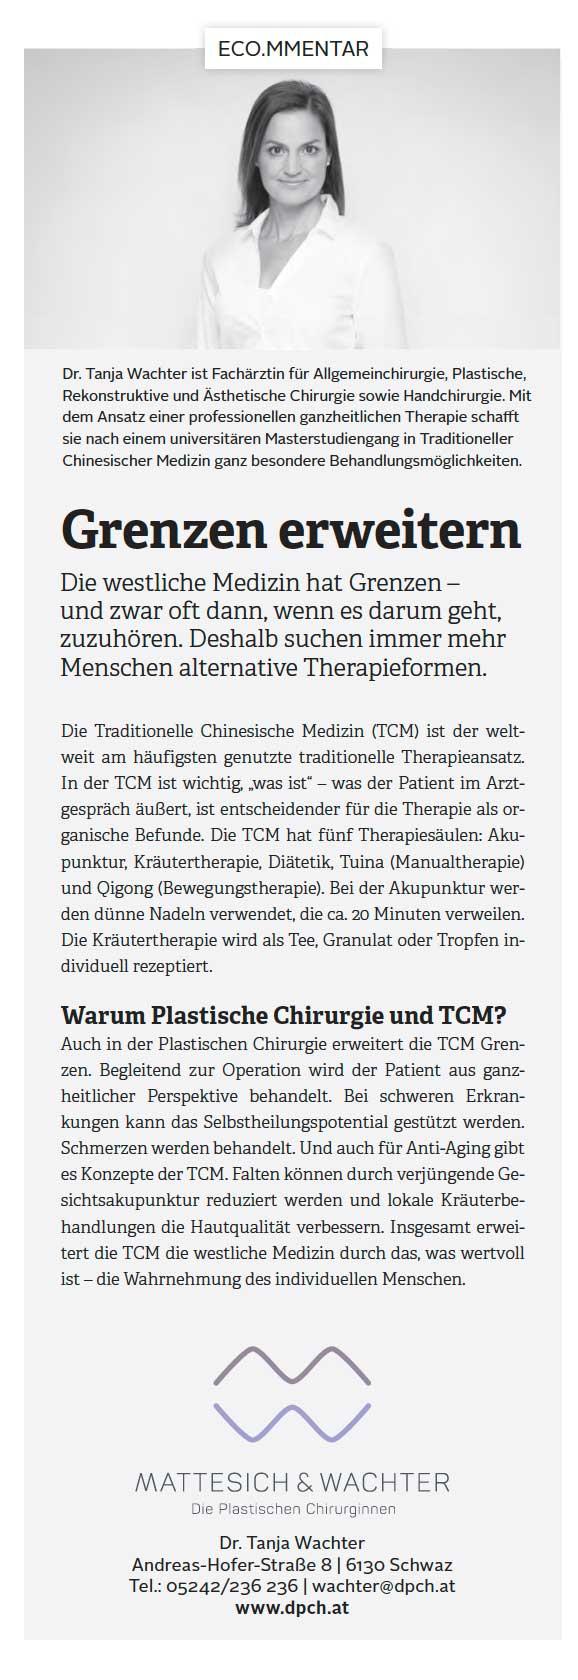 Grenzen erweitern, Eco.mmentar | Die Plastischen Chirurginnen Tirol